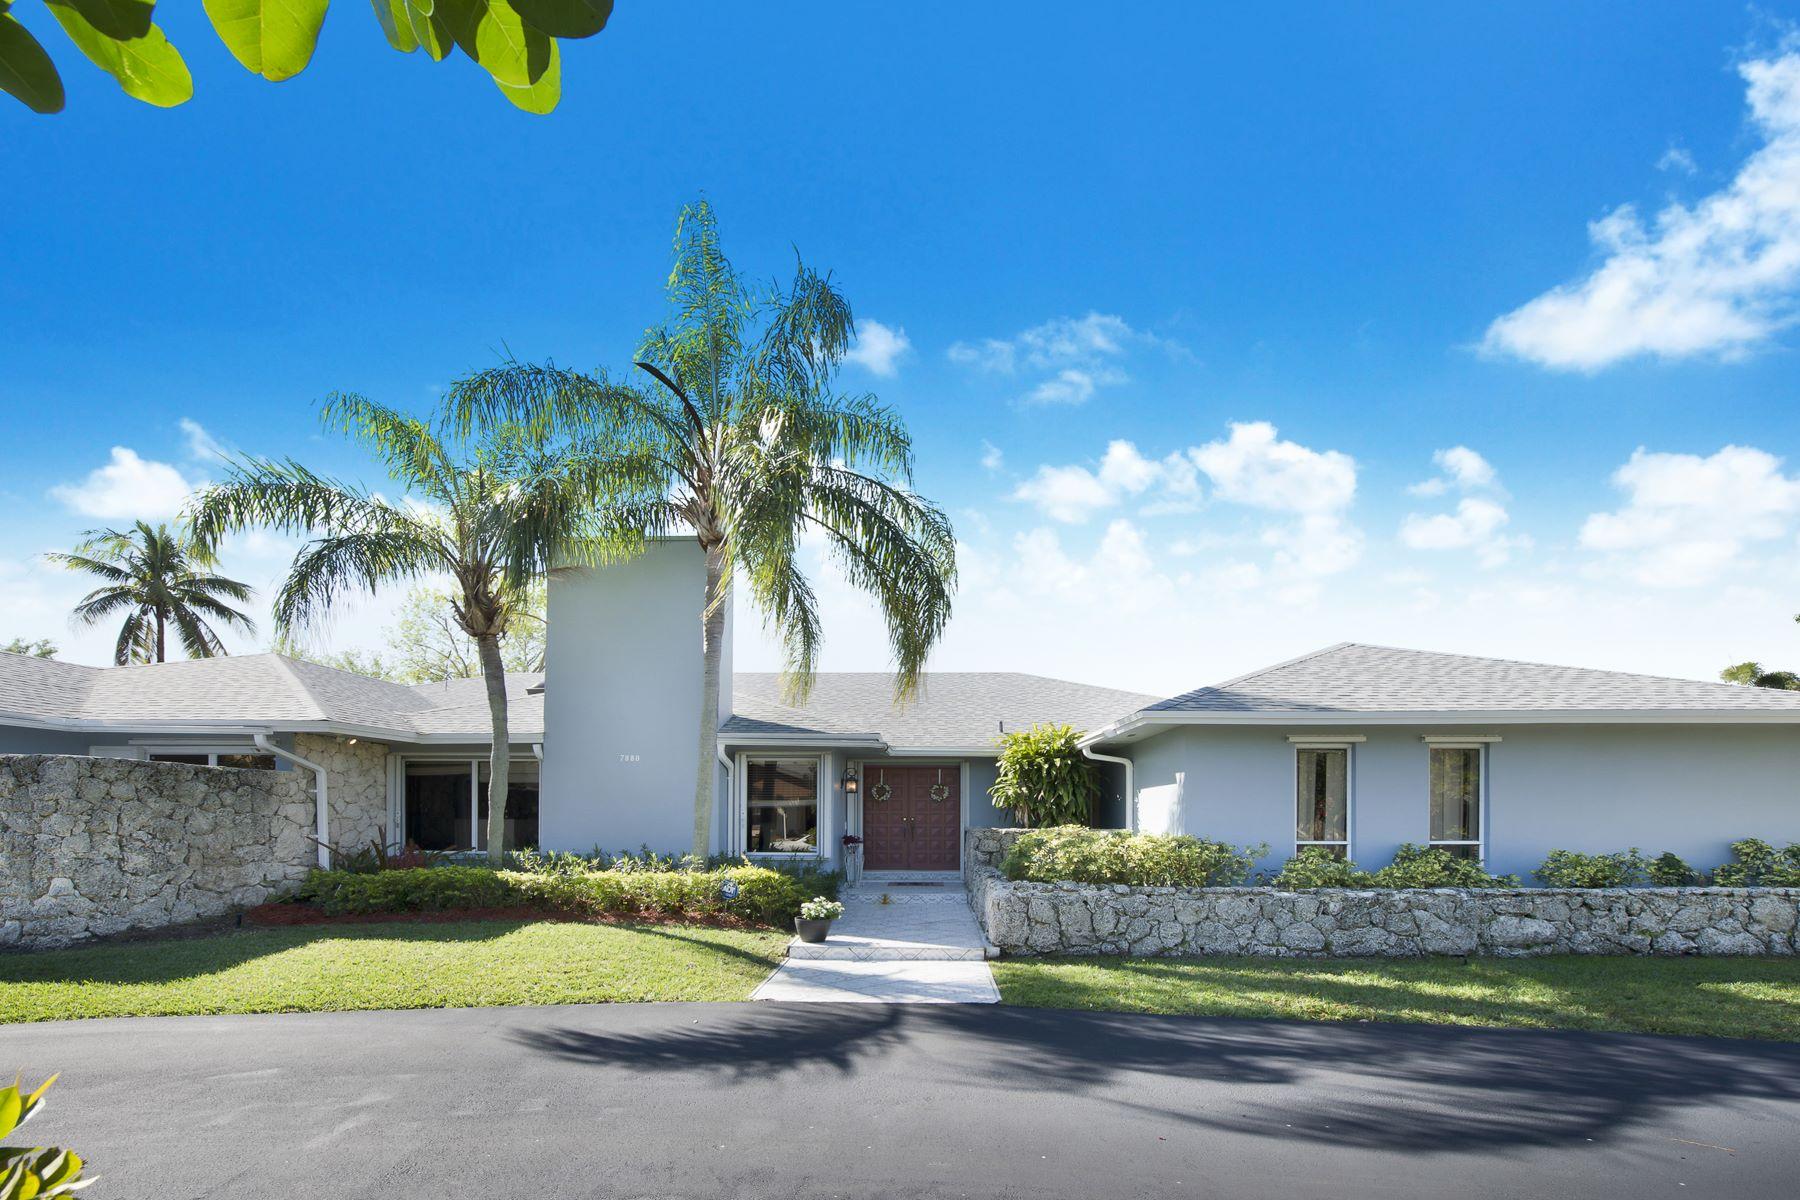 واحد منزل الأسرة للـ Sale في 7880 Sw 181st Ter Palmetto Bay, Florida, 33157 United States